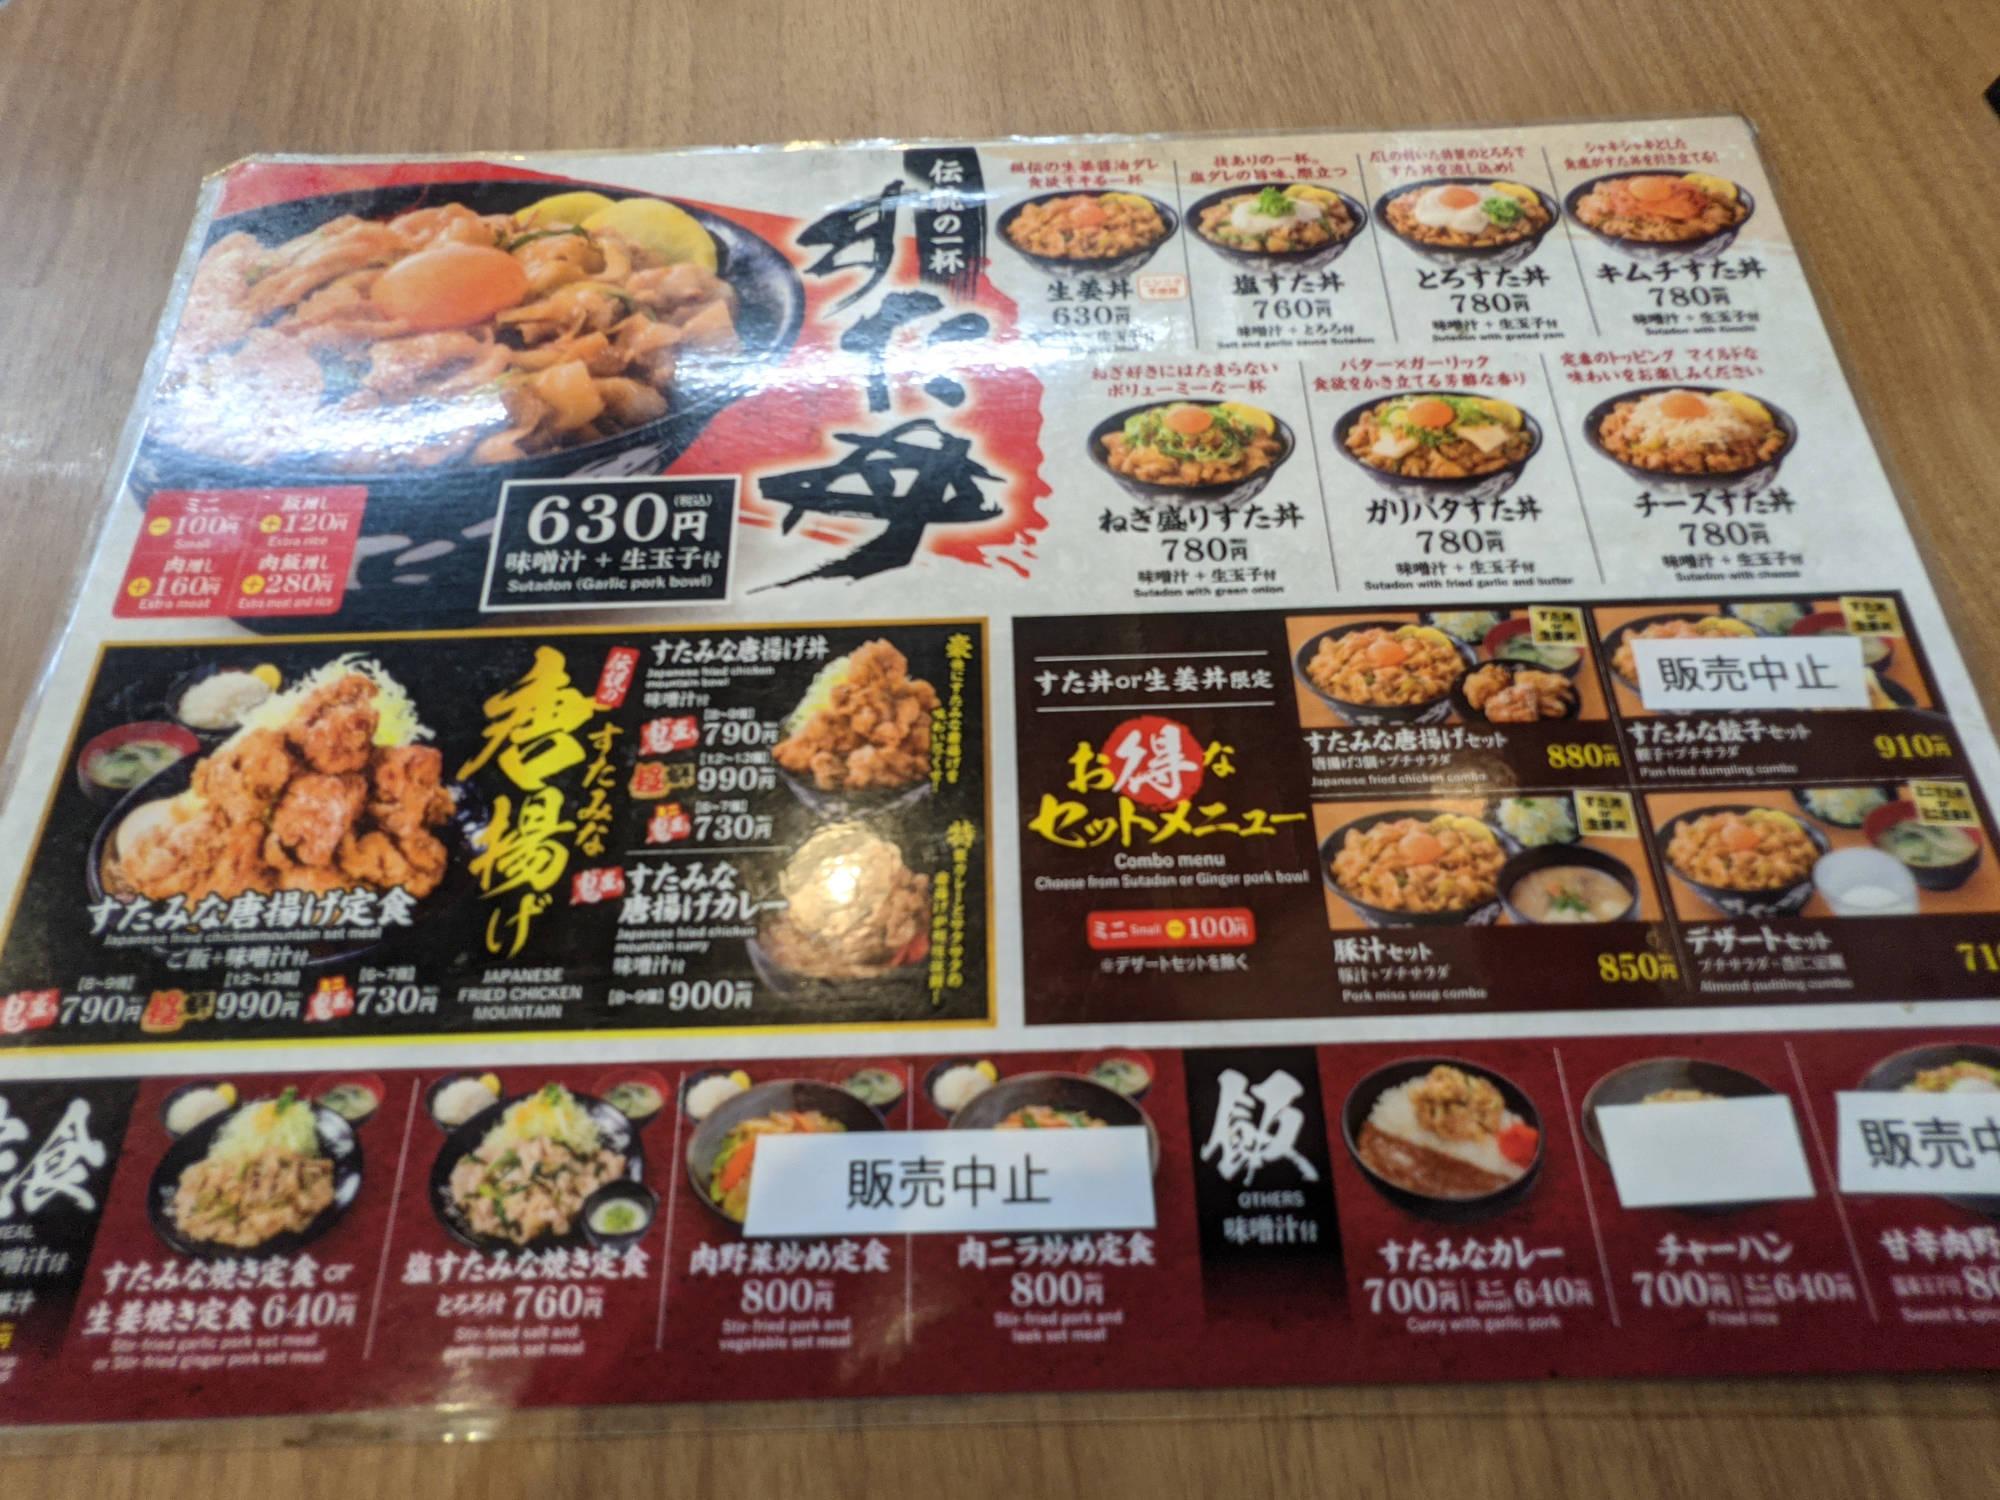 「伝説のすた丼屋」のメニュー